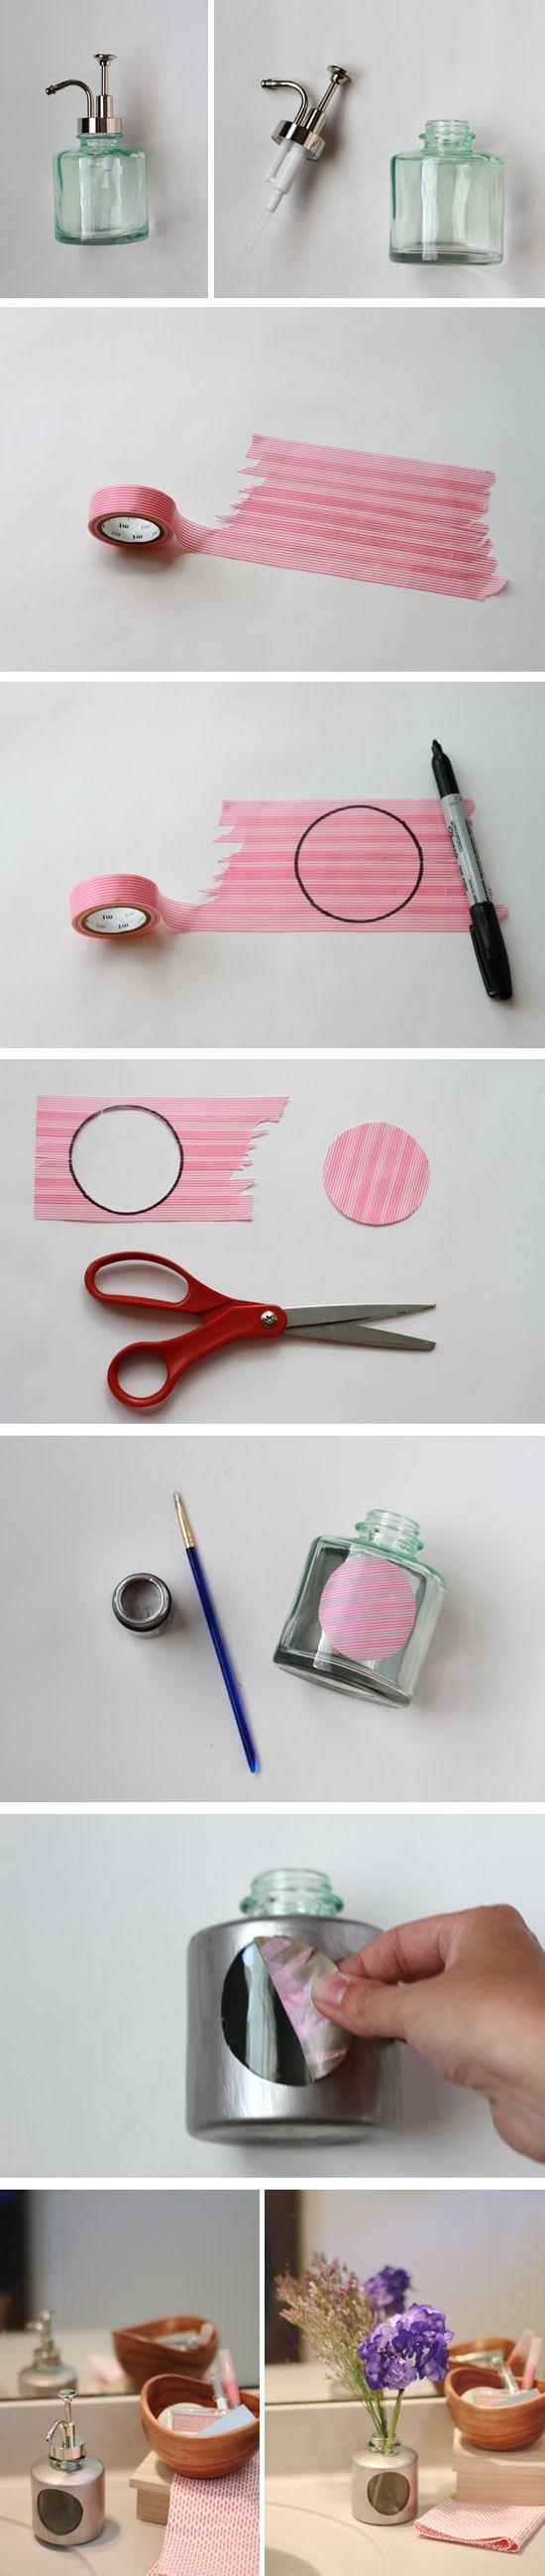 Make This: DIY Bathroom Accessories Two Ways | papernstitch